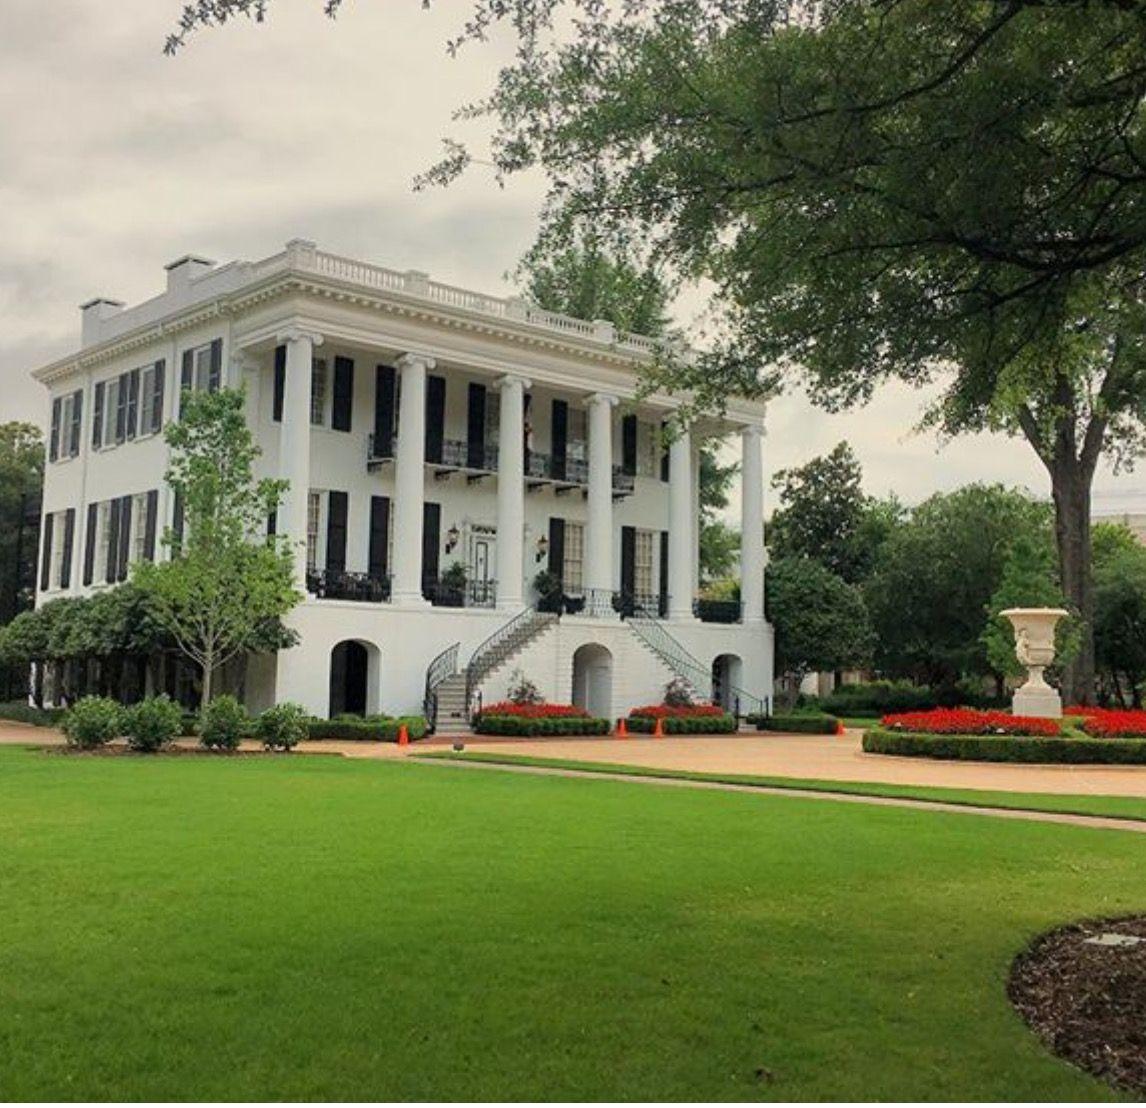 Presidents House University Of Alabama. Architecture